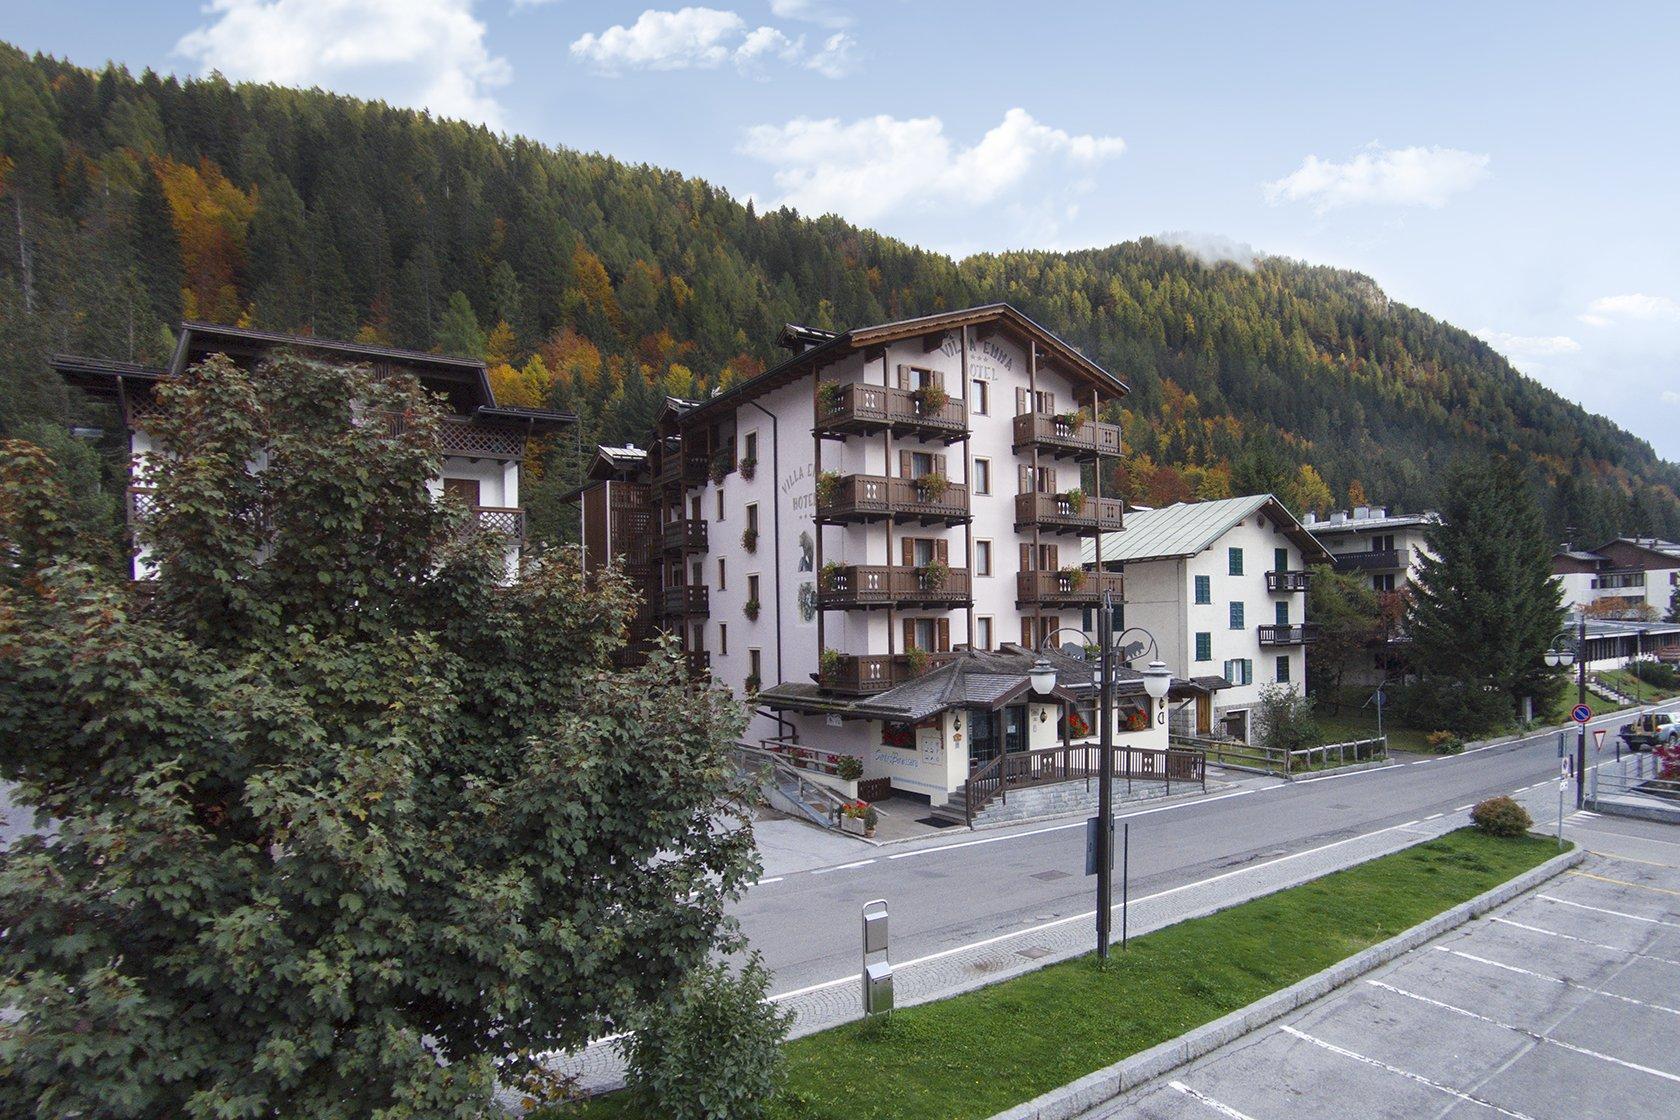 Hotel Villa Emma - Esterno struttura